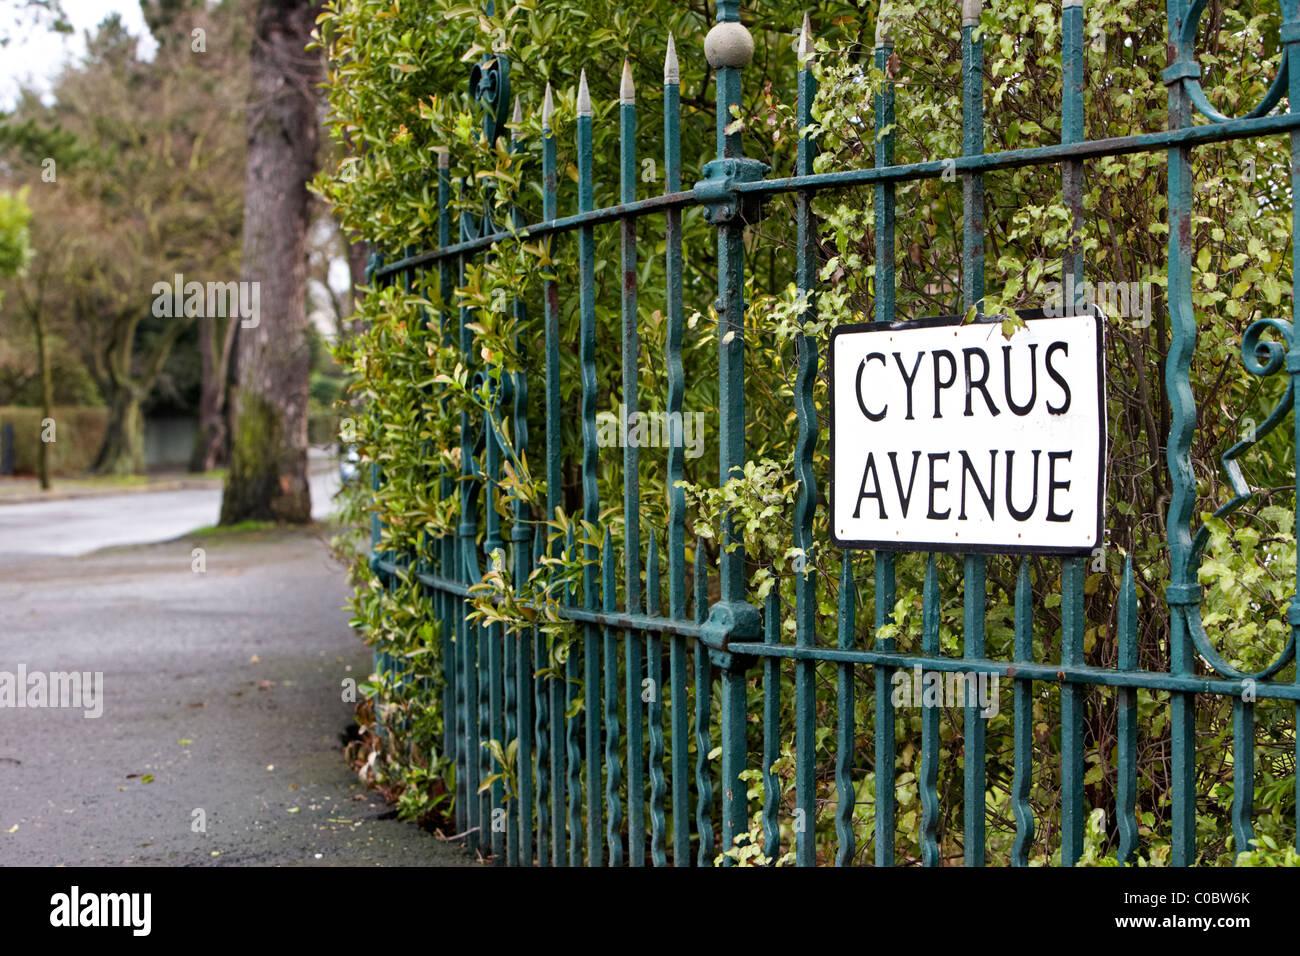 ผลการค้นหารูปภาพสำหรับ van morrison cyprus avenue